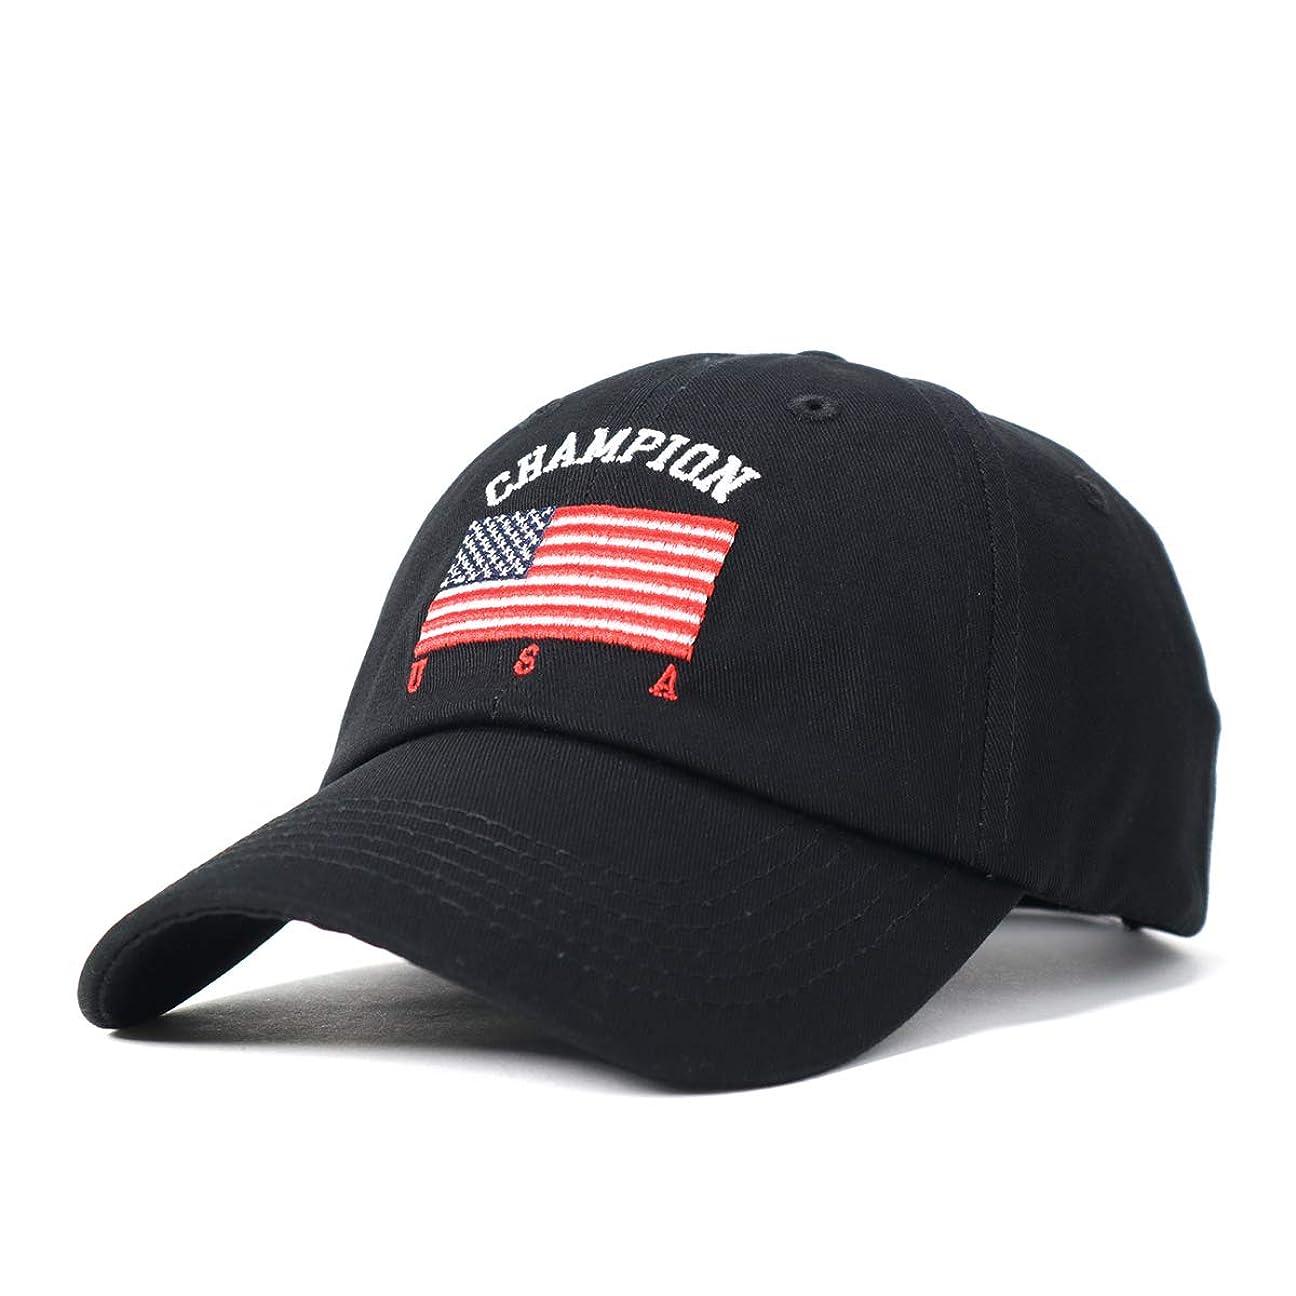 枯渇するアンテナ仲人(チャンピオン) Champion キャップ US FLAG CHAMPION FREE